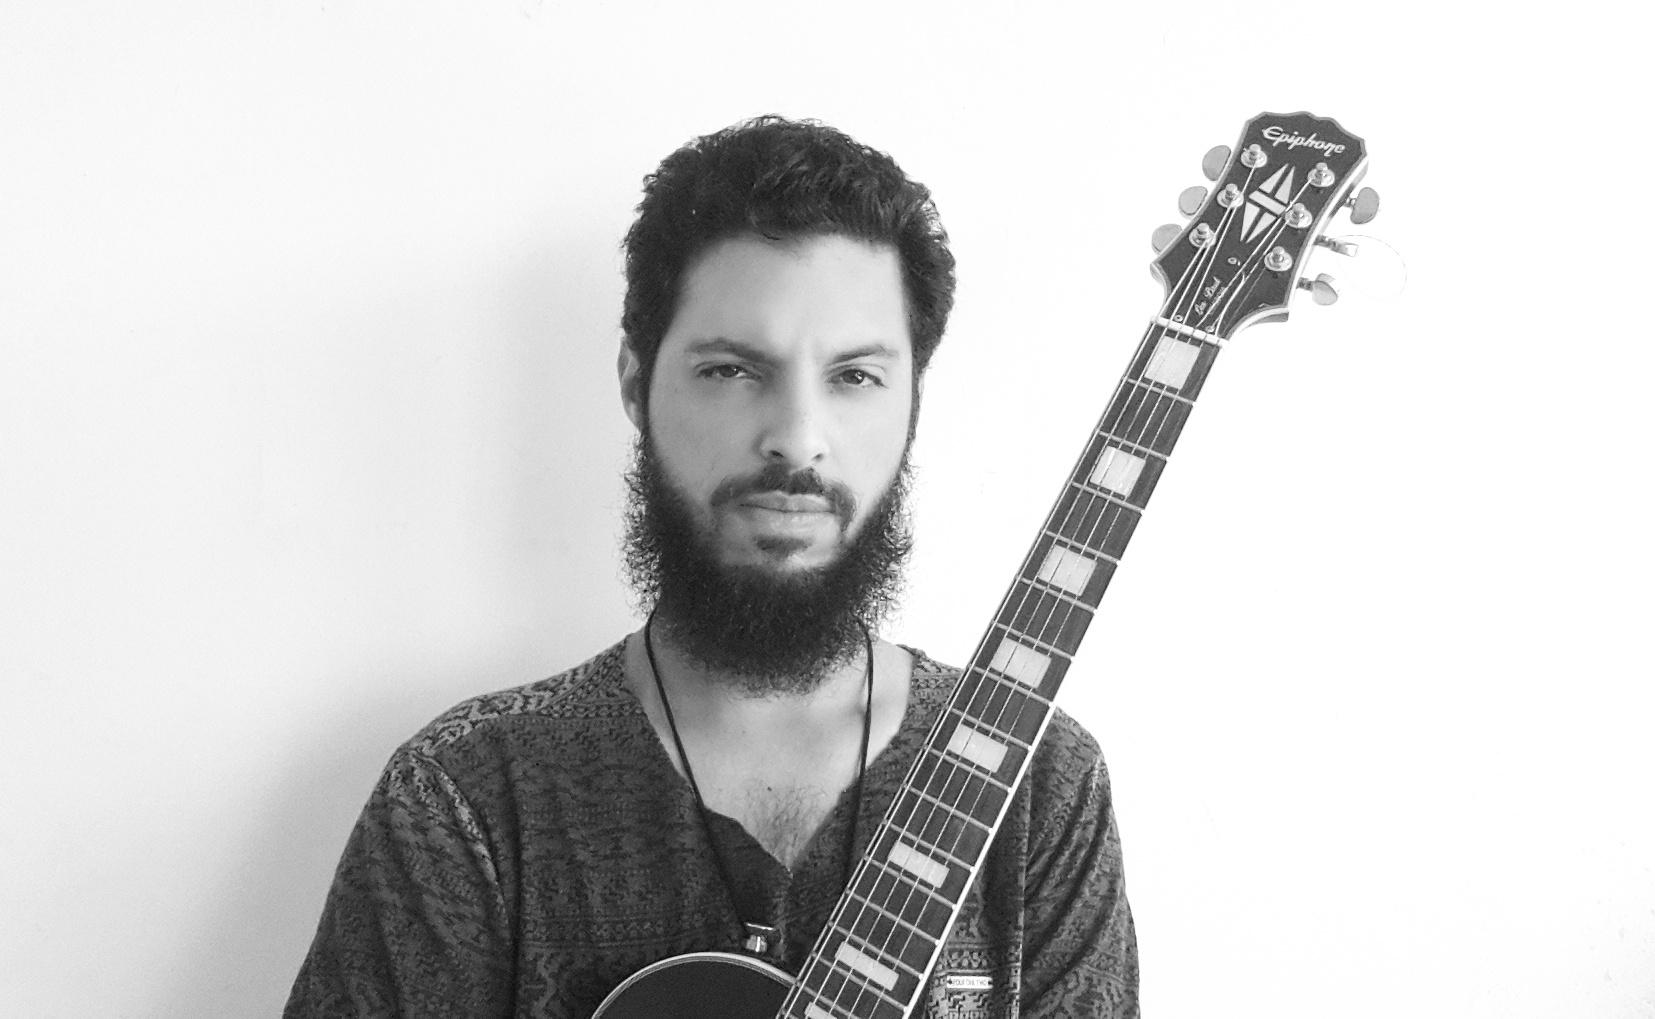 Rolê beneficente terá música brasileira em prol da Miau AuAu